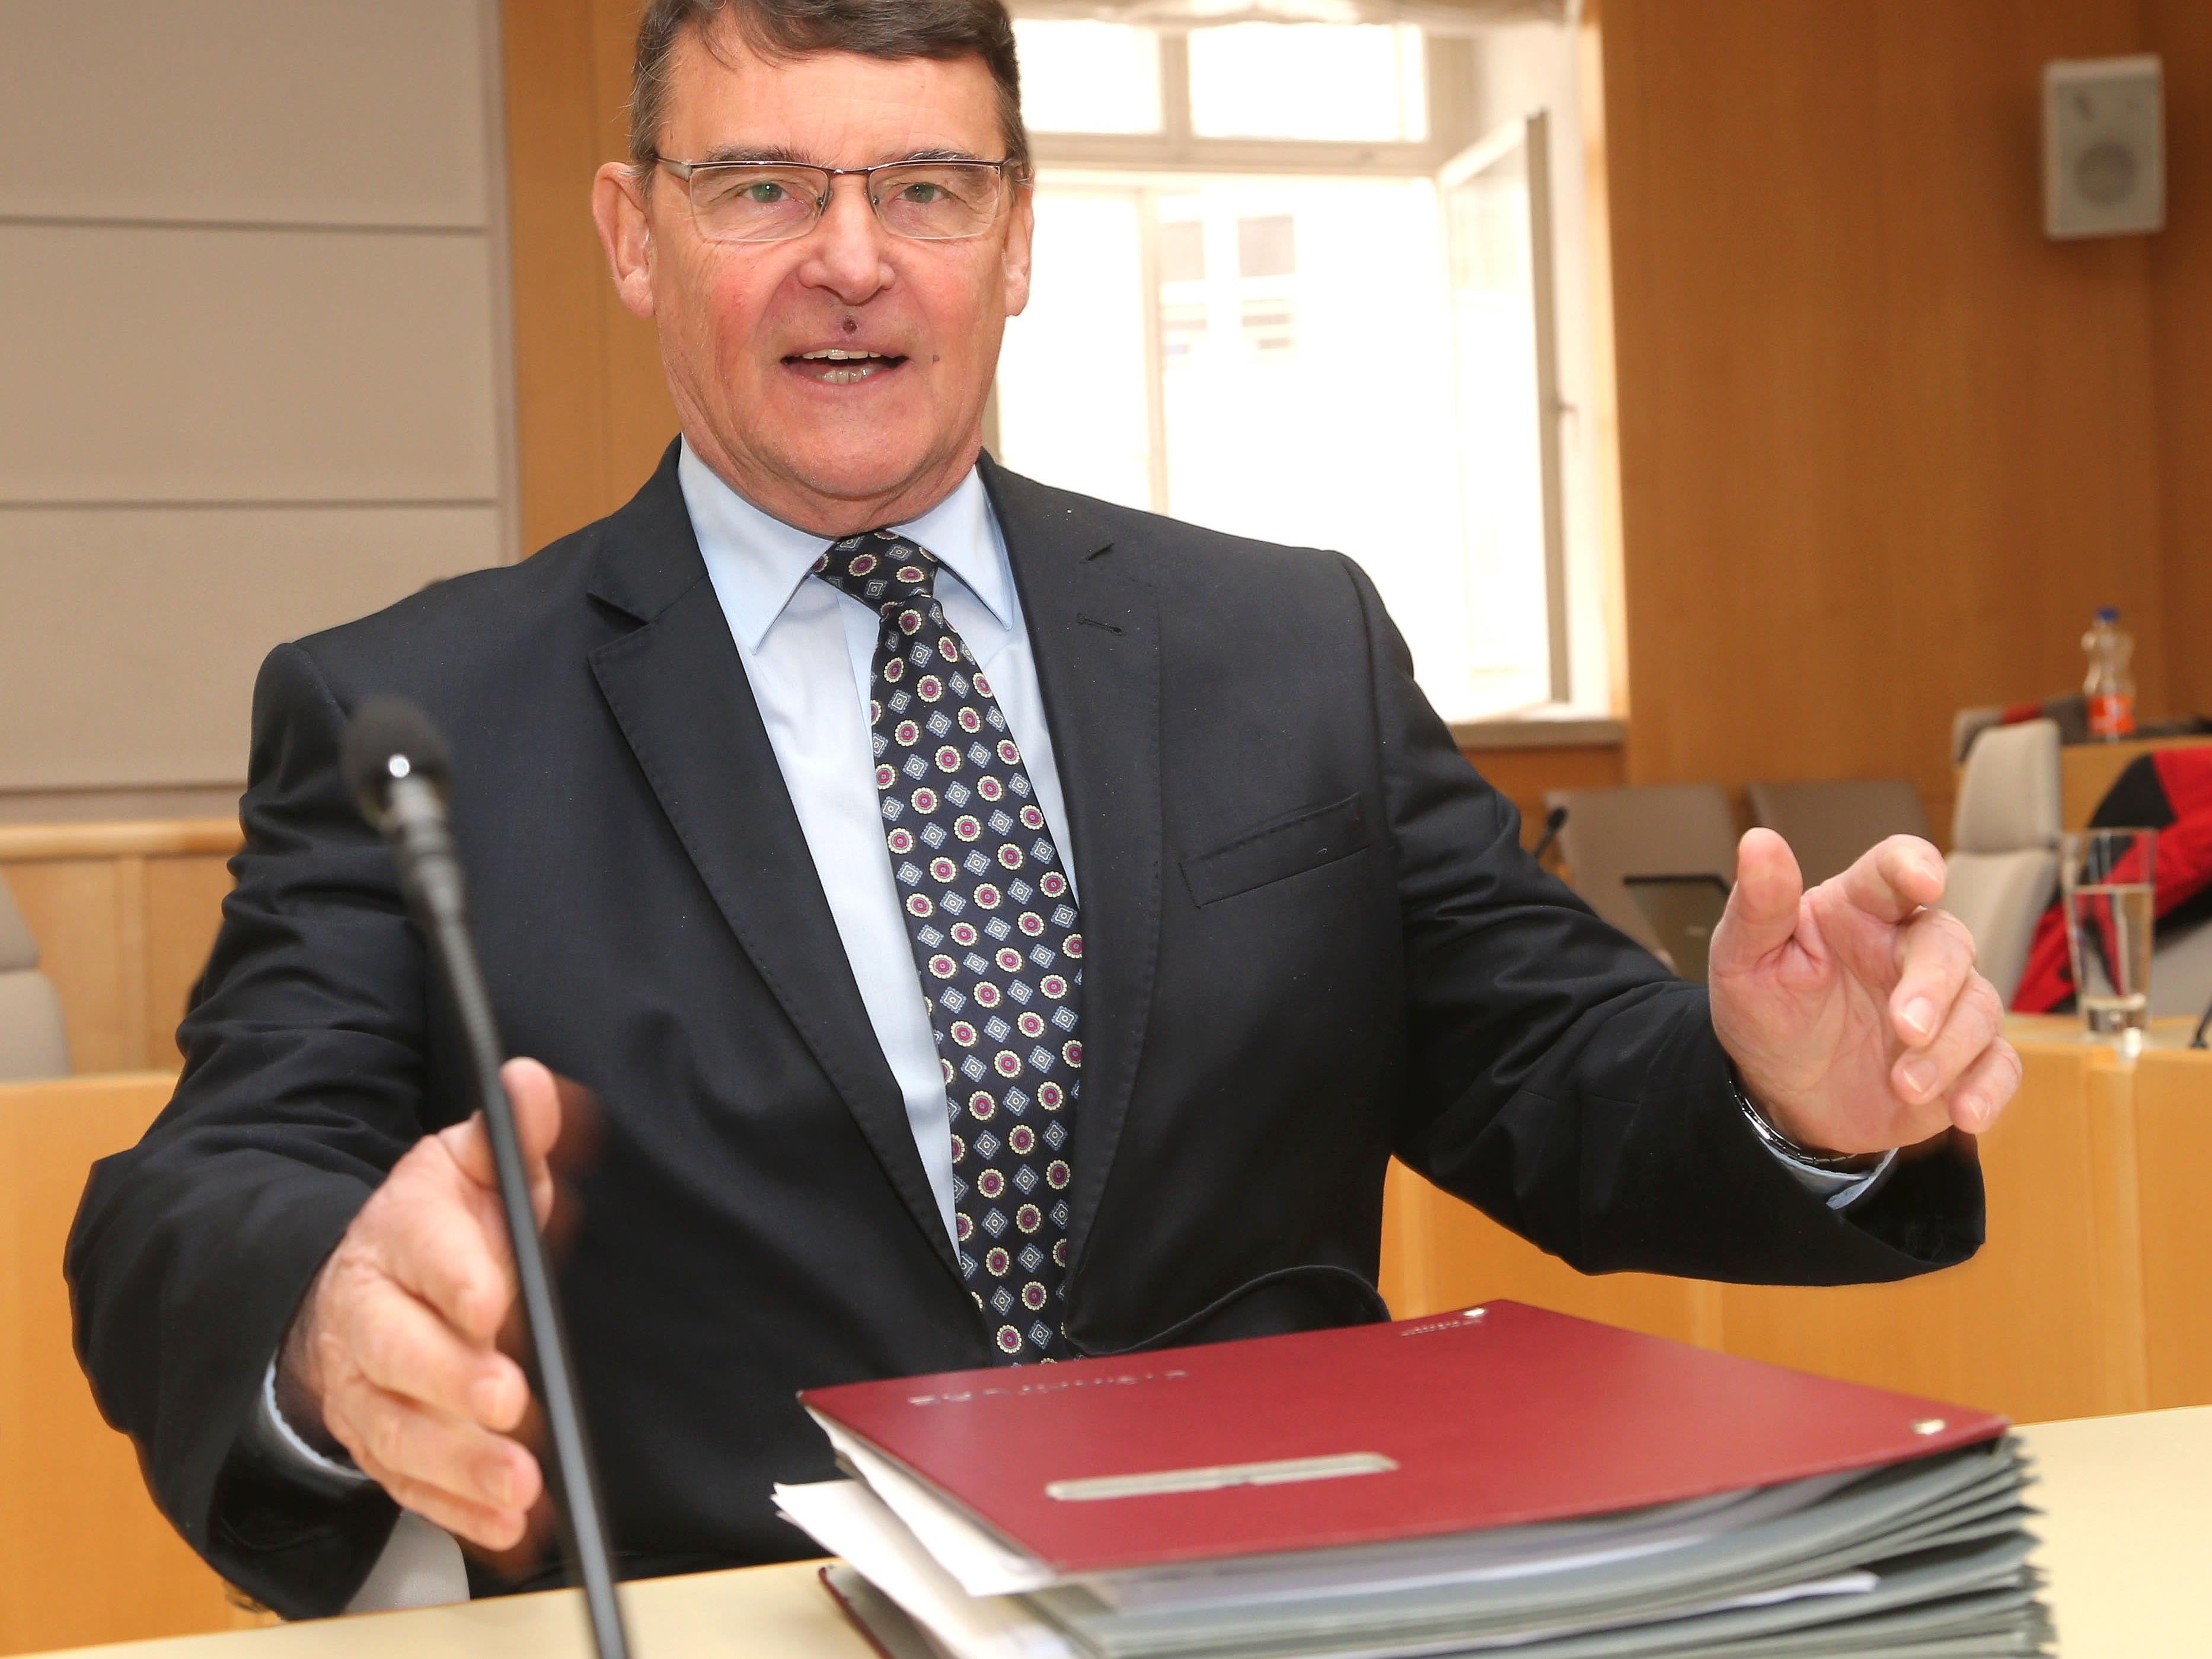 Der ehemalige Finanzreferent und LHStv. Othmar Raus am Freitag, 22. Februar 2013, vor Beginn des Untersuchungsausschusses des Salzburger Landtags zur Klärung des Salzburger Finanzskandals in Salzburg.